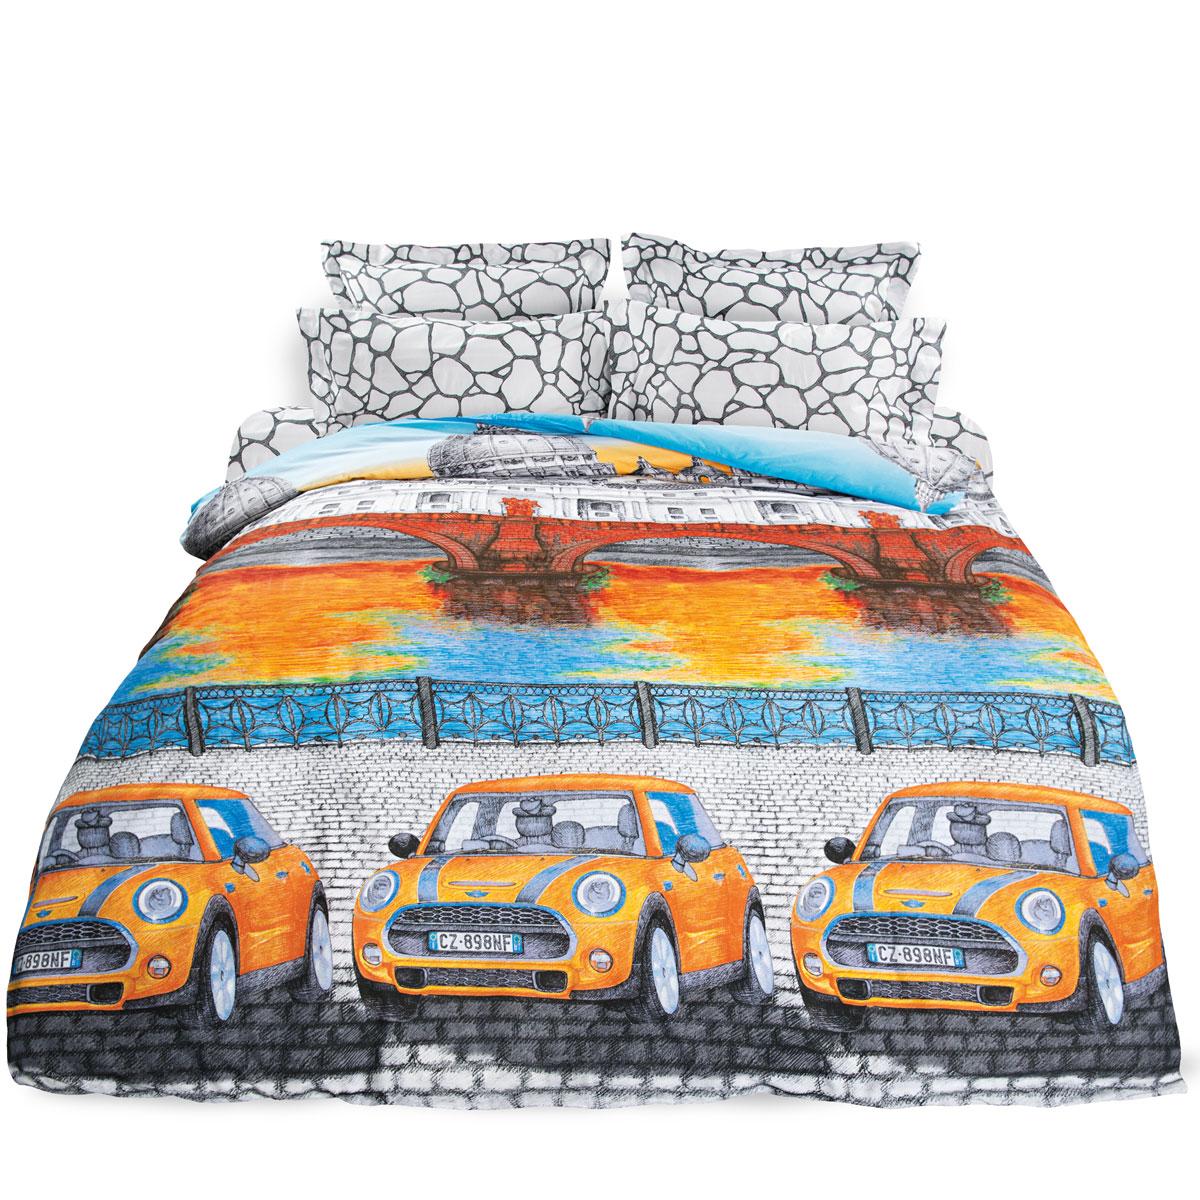 Комплект белья Унисон Итальянская серенада, семейный, наволочки 70 х 70, цвет: оранжевый. 276902 комплекты белья linse комплект белья пижама